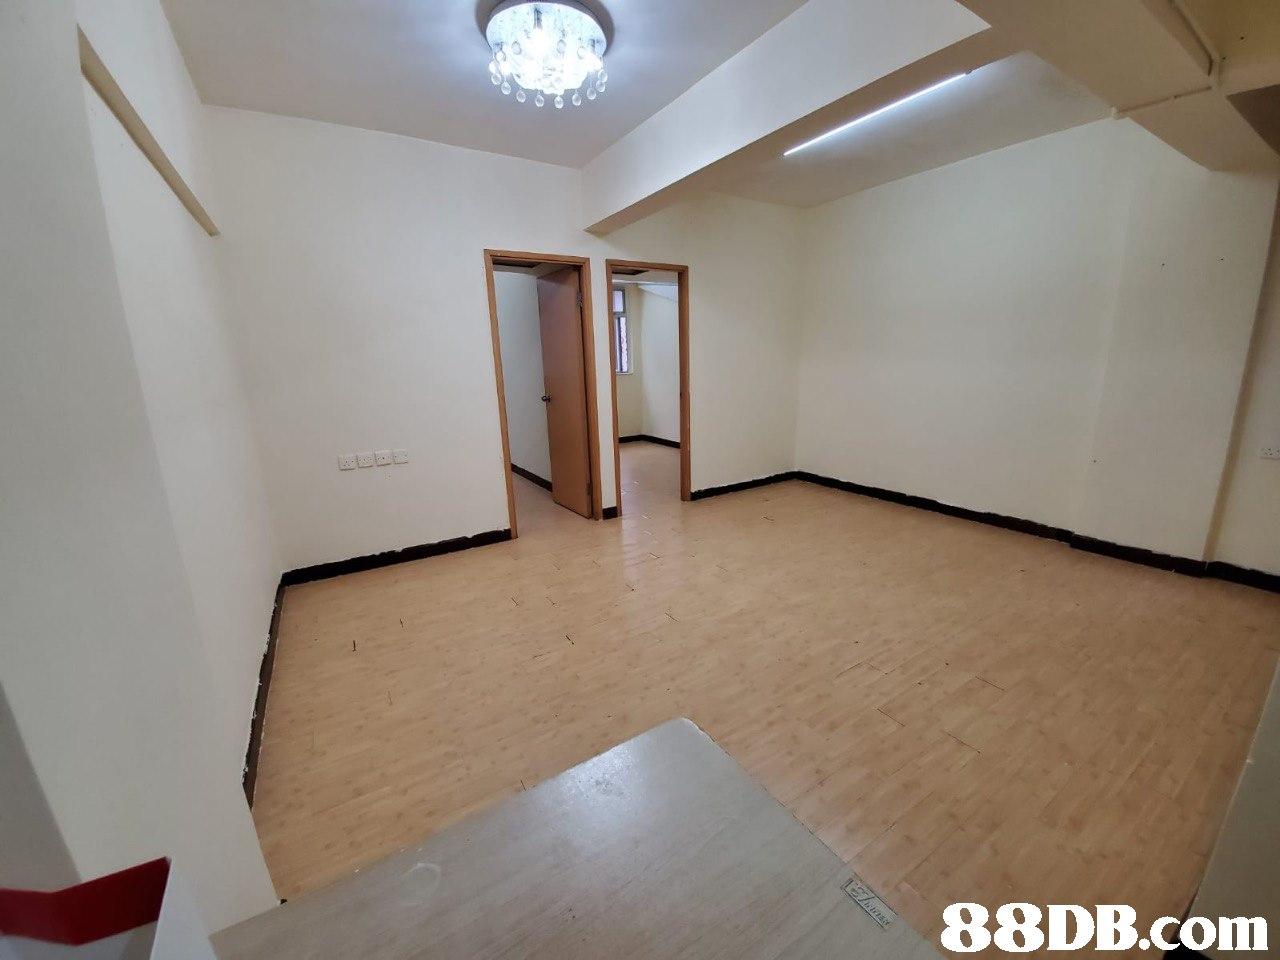 Property,Room,Floor,Daylighting,Building